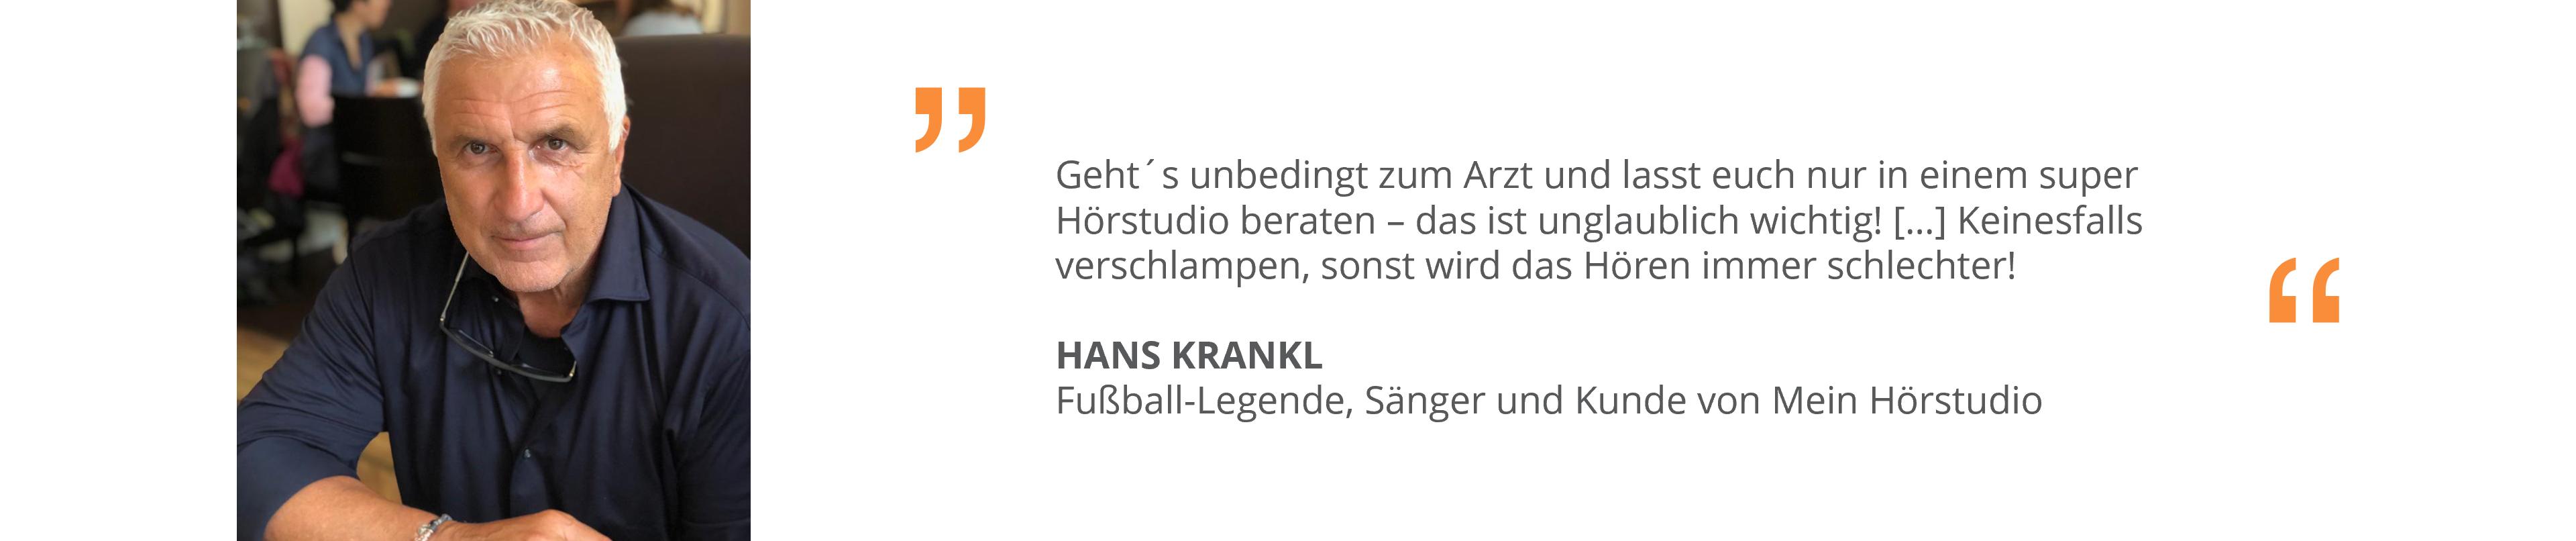 Hans Krankl im Interview